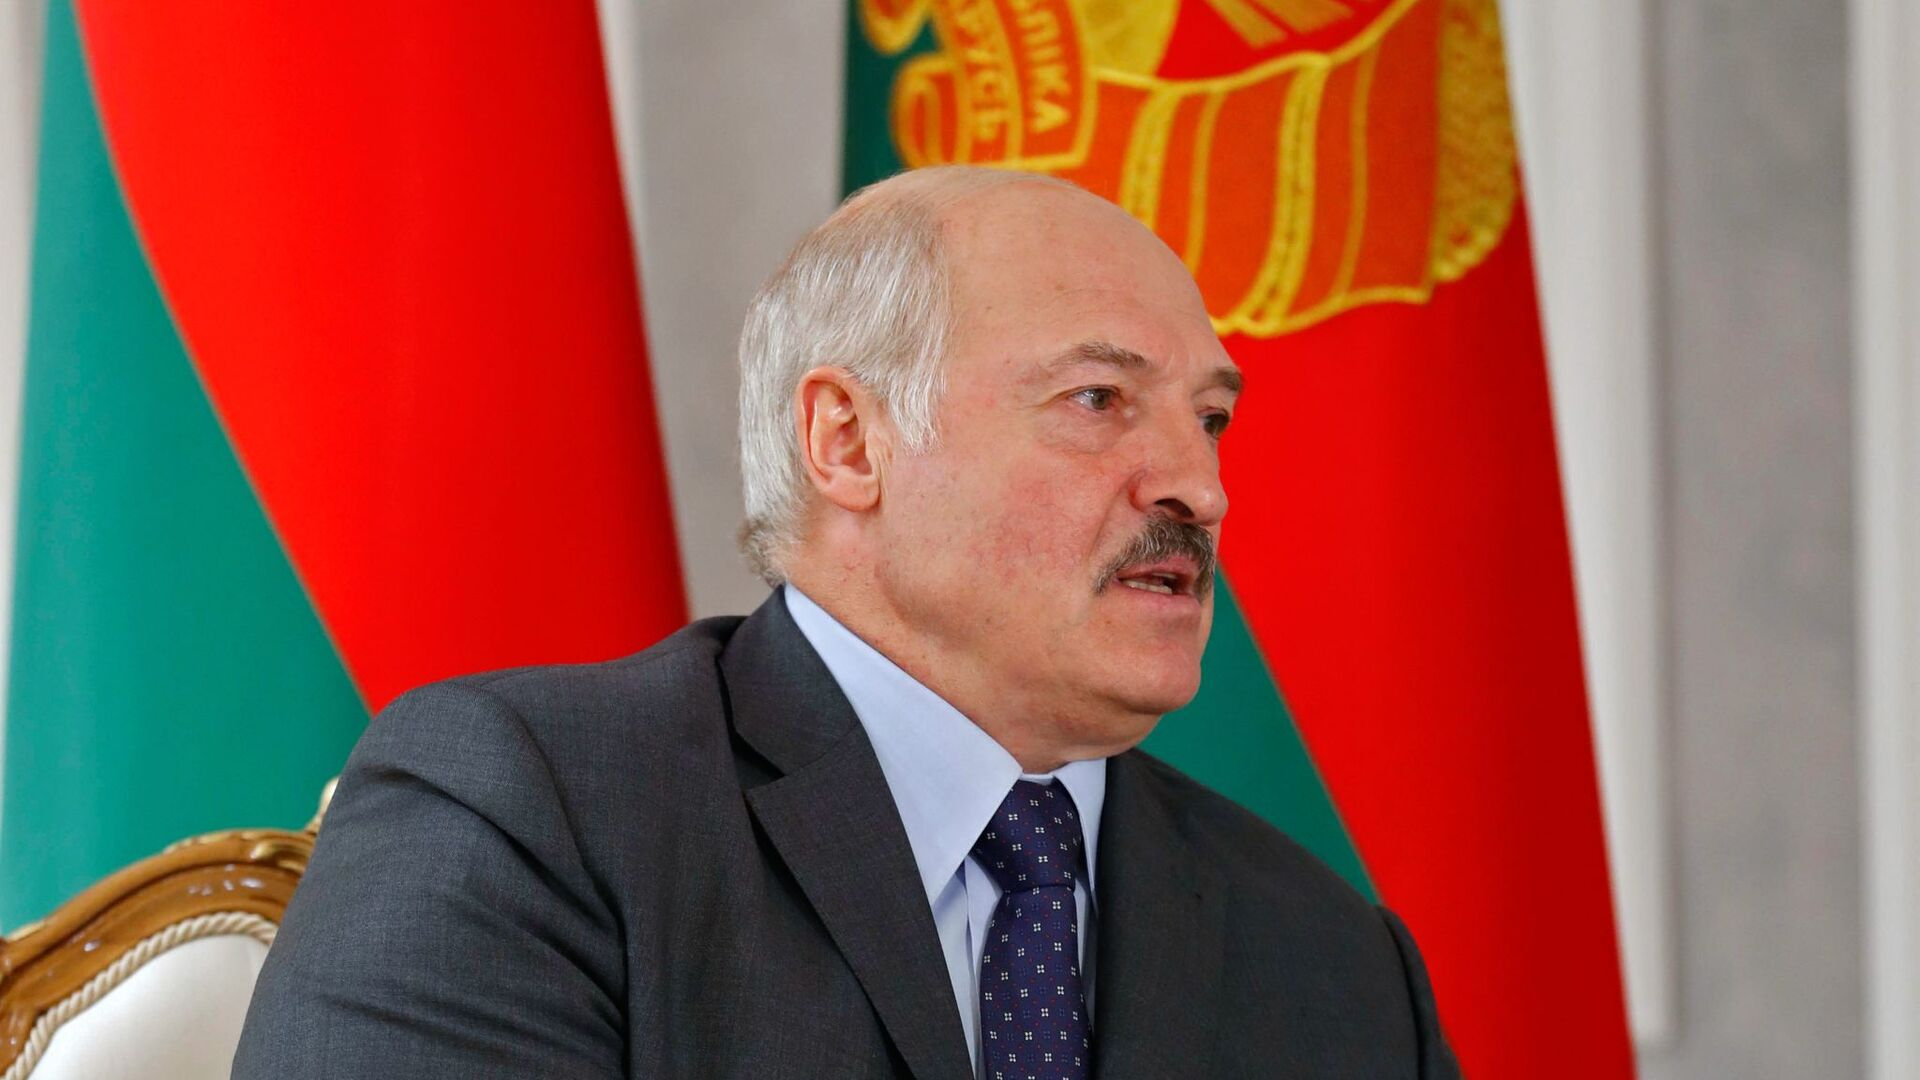 Alexandr Lukashenko, presidente de Bielorrusia - Sputnik Mundo, 1920, 20.07.2021